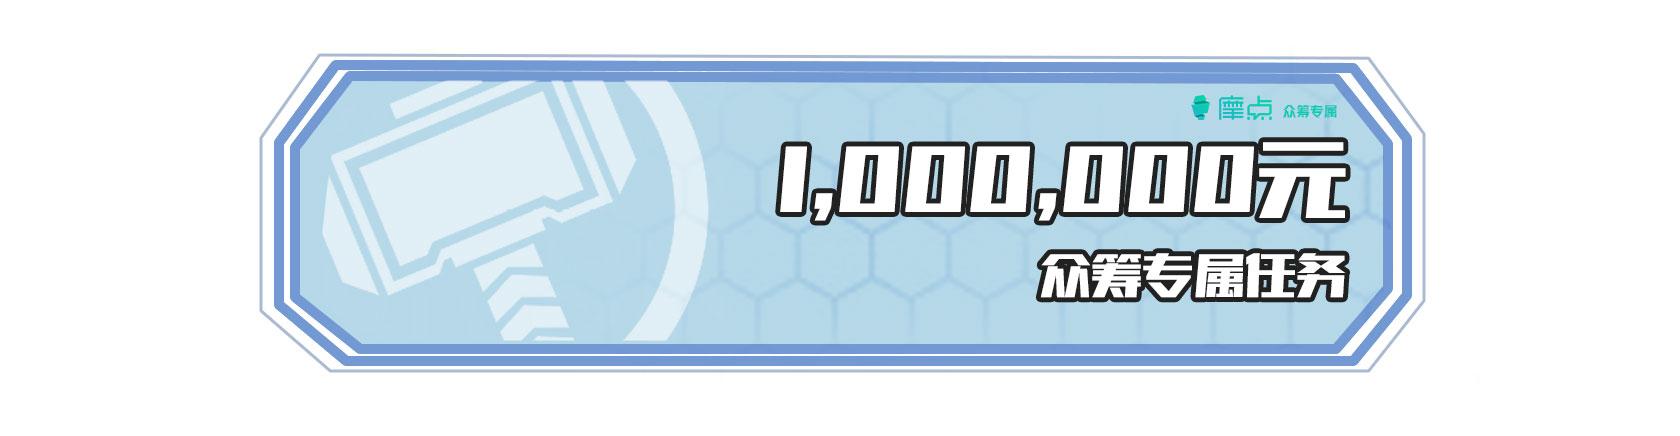 100万成功解锁.jpg